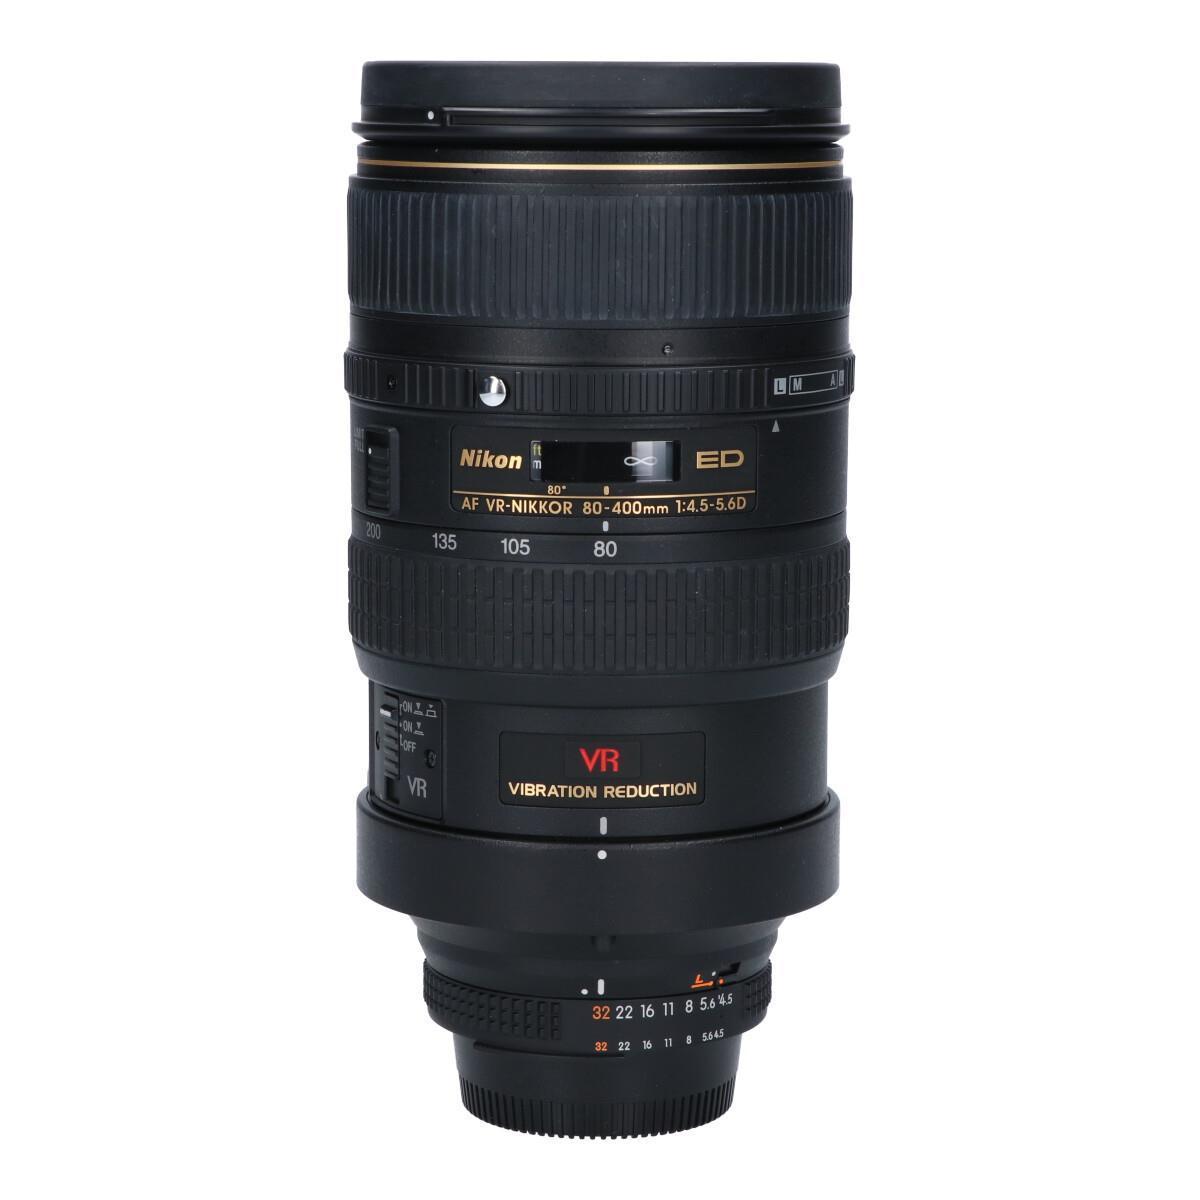 カメラ・ビデオカメラ・光学機器, カメラ用交換レンズ NIKON AF80400mm F4556D ED VR